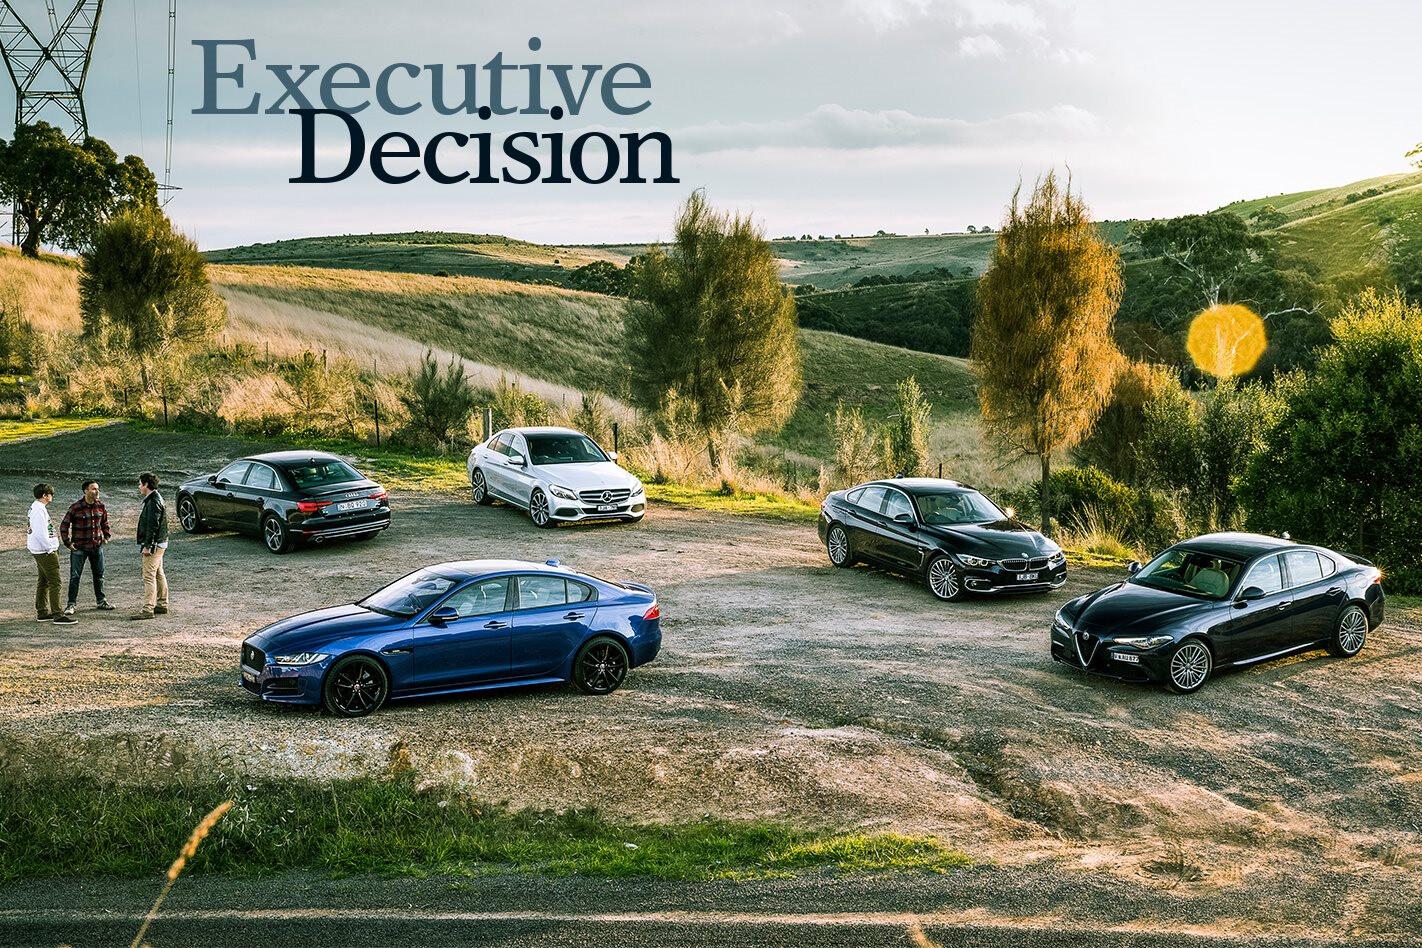 Alfa Giulia v Audi A4 v BMW 4 Series v Jaguar XE v Mercedes-Benz C-class